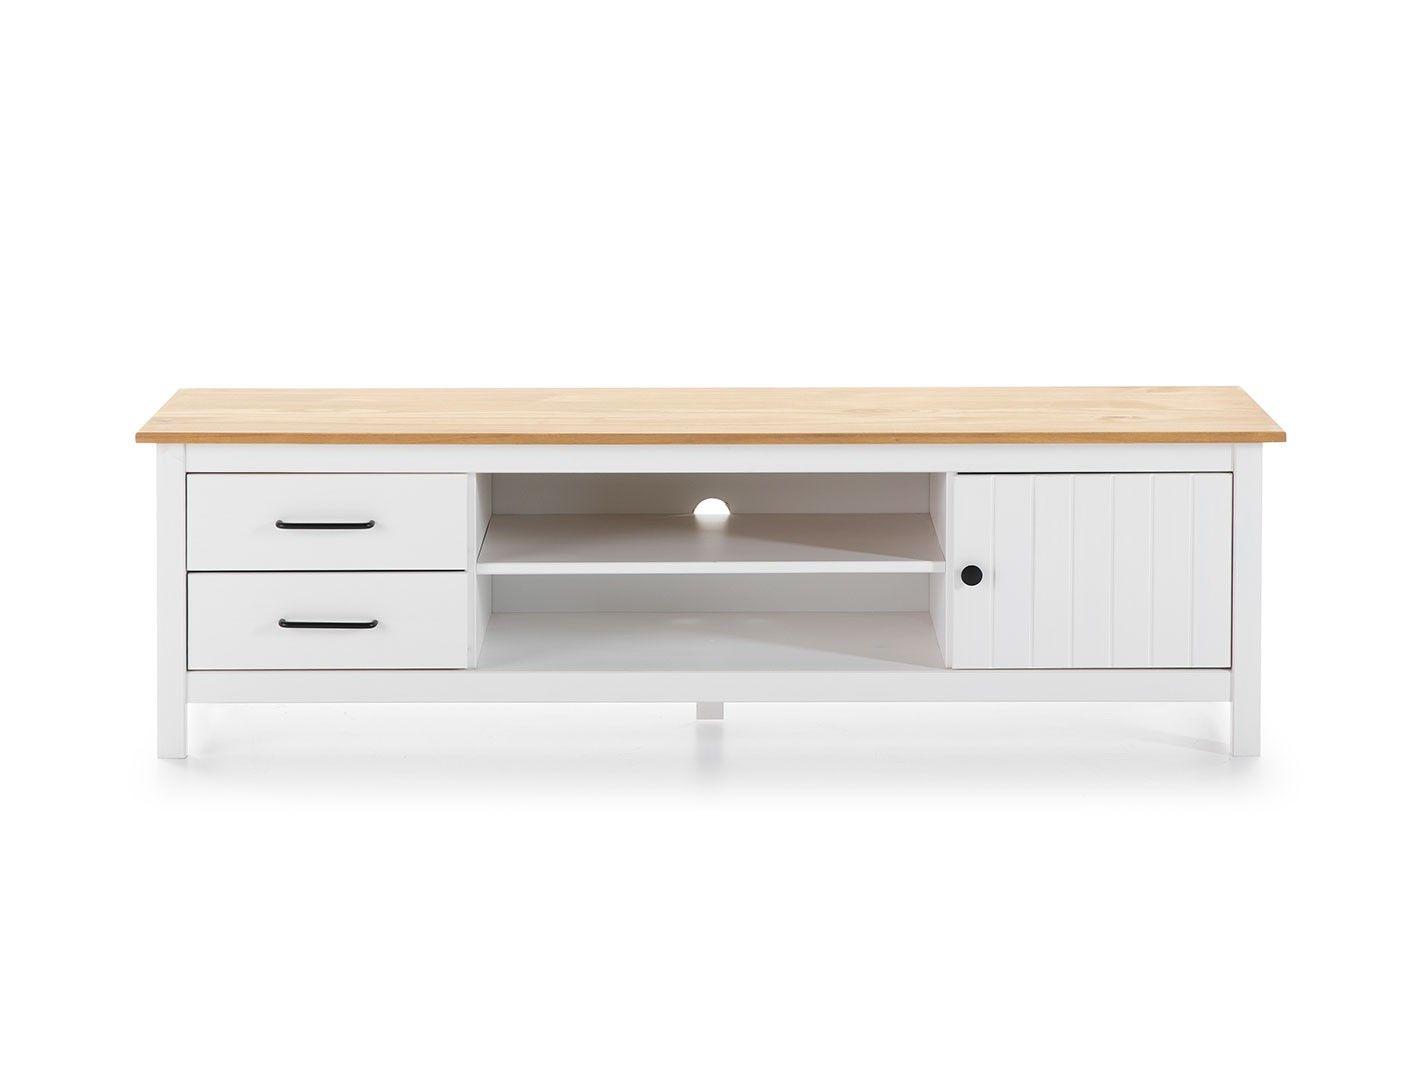 mueble zapatero 3 puertas color eco polar